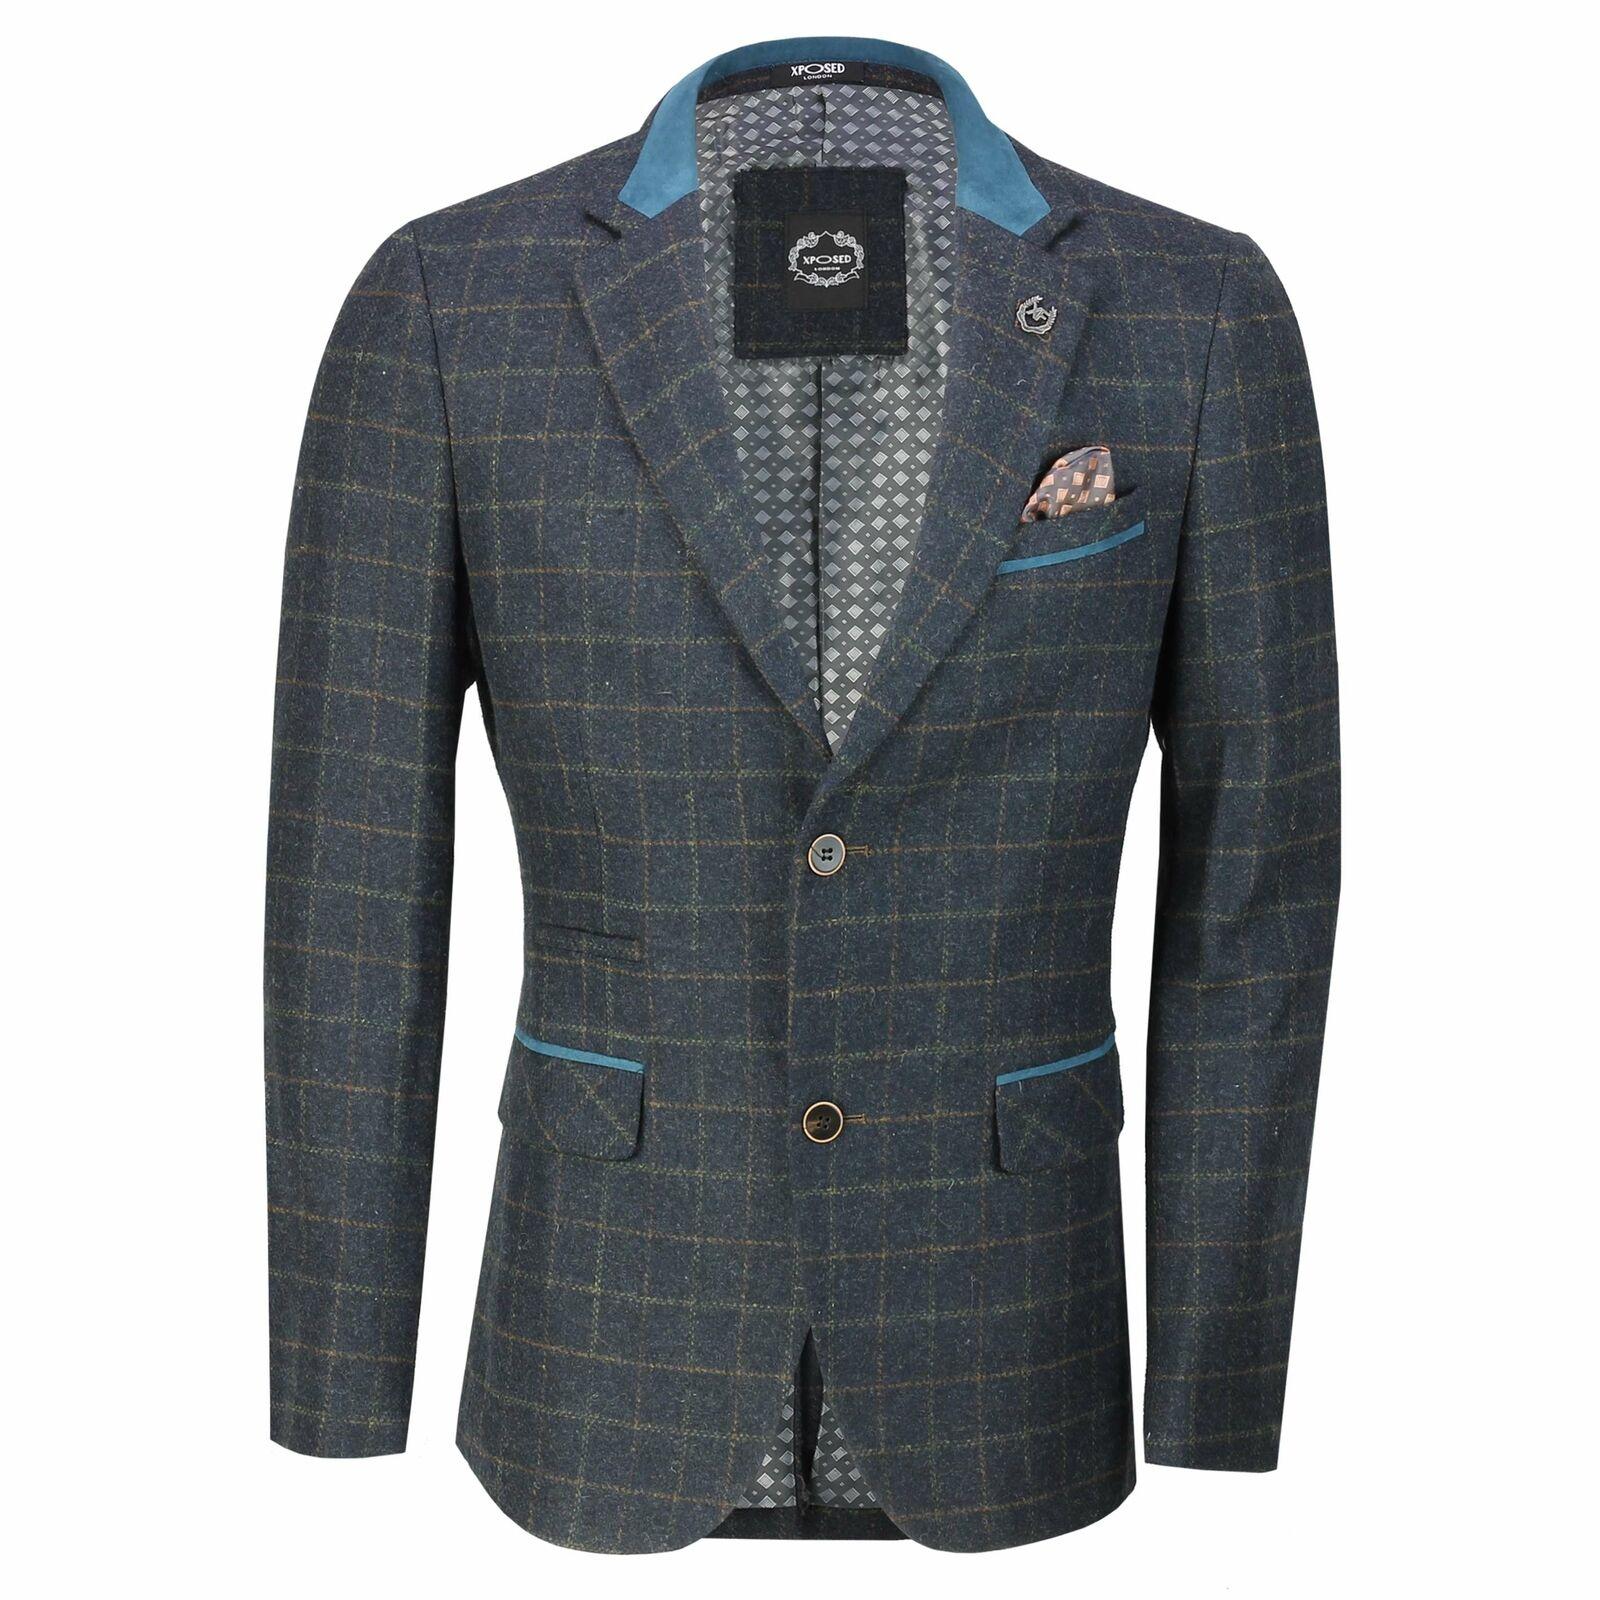 New herren Vintage Blau wolleBlend Tweed Check Herringbone Blazer Designer jacke